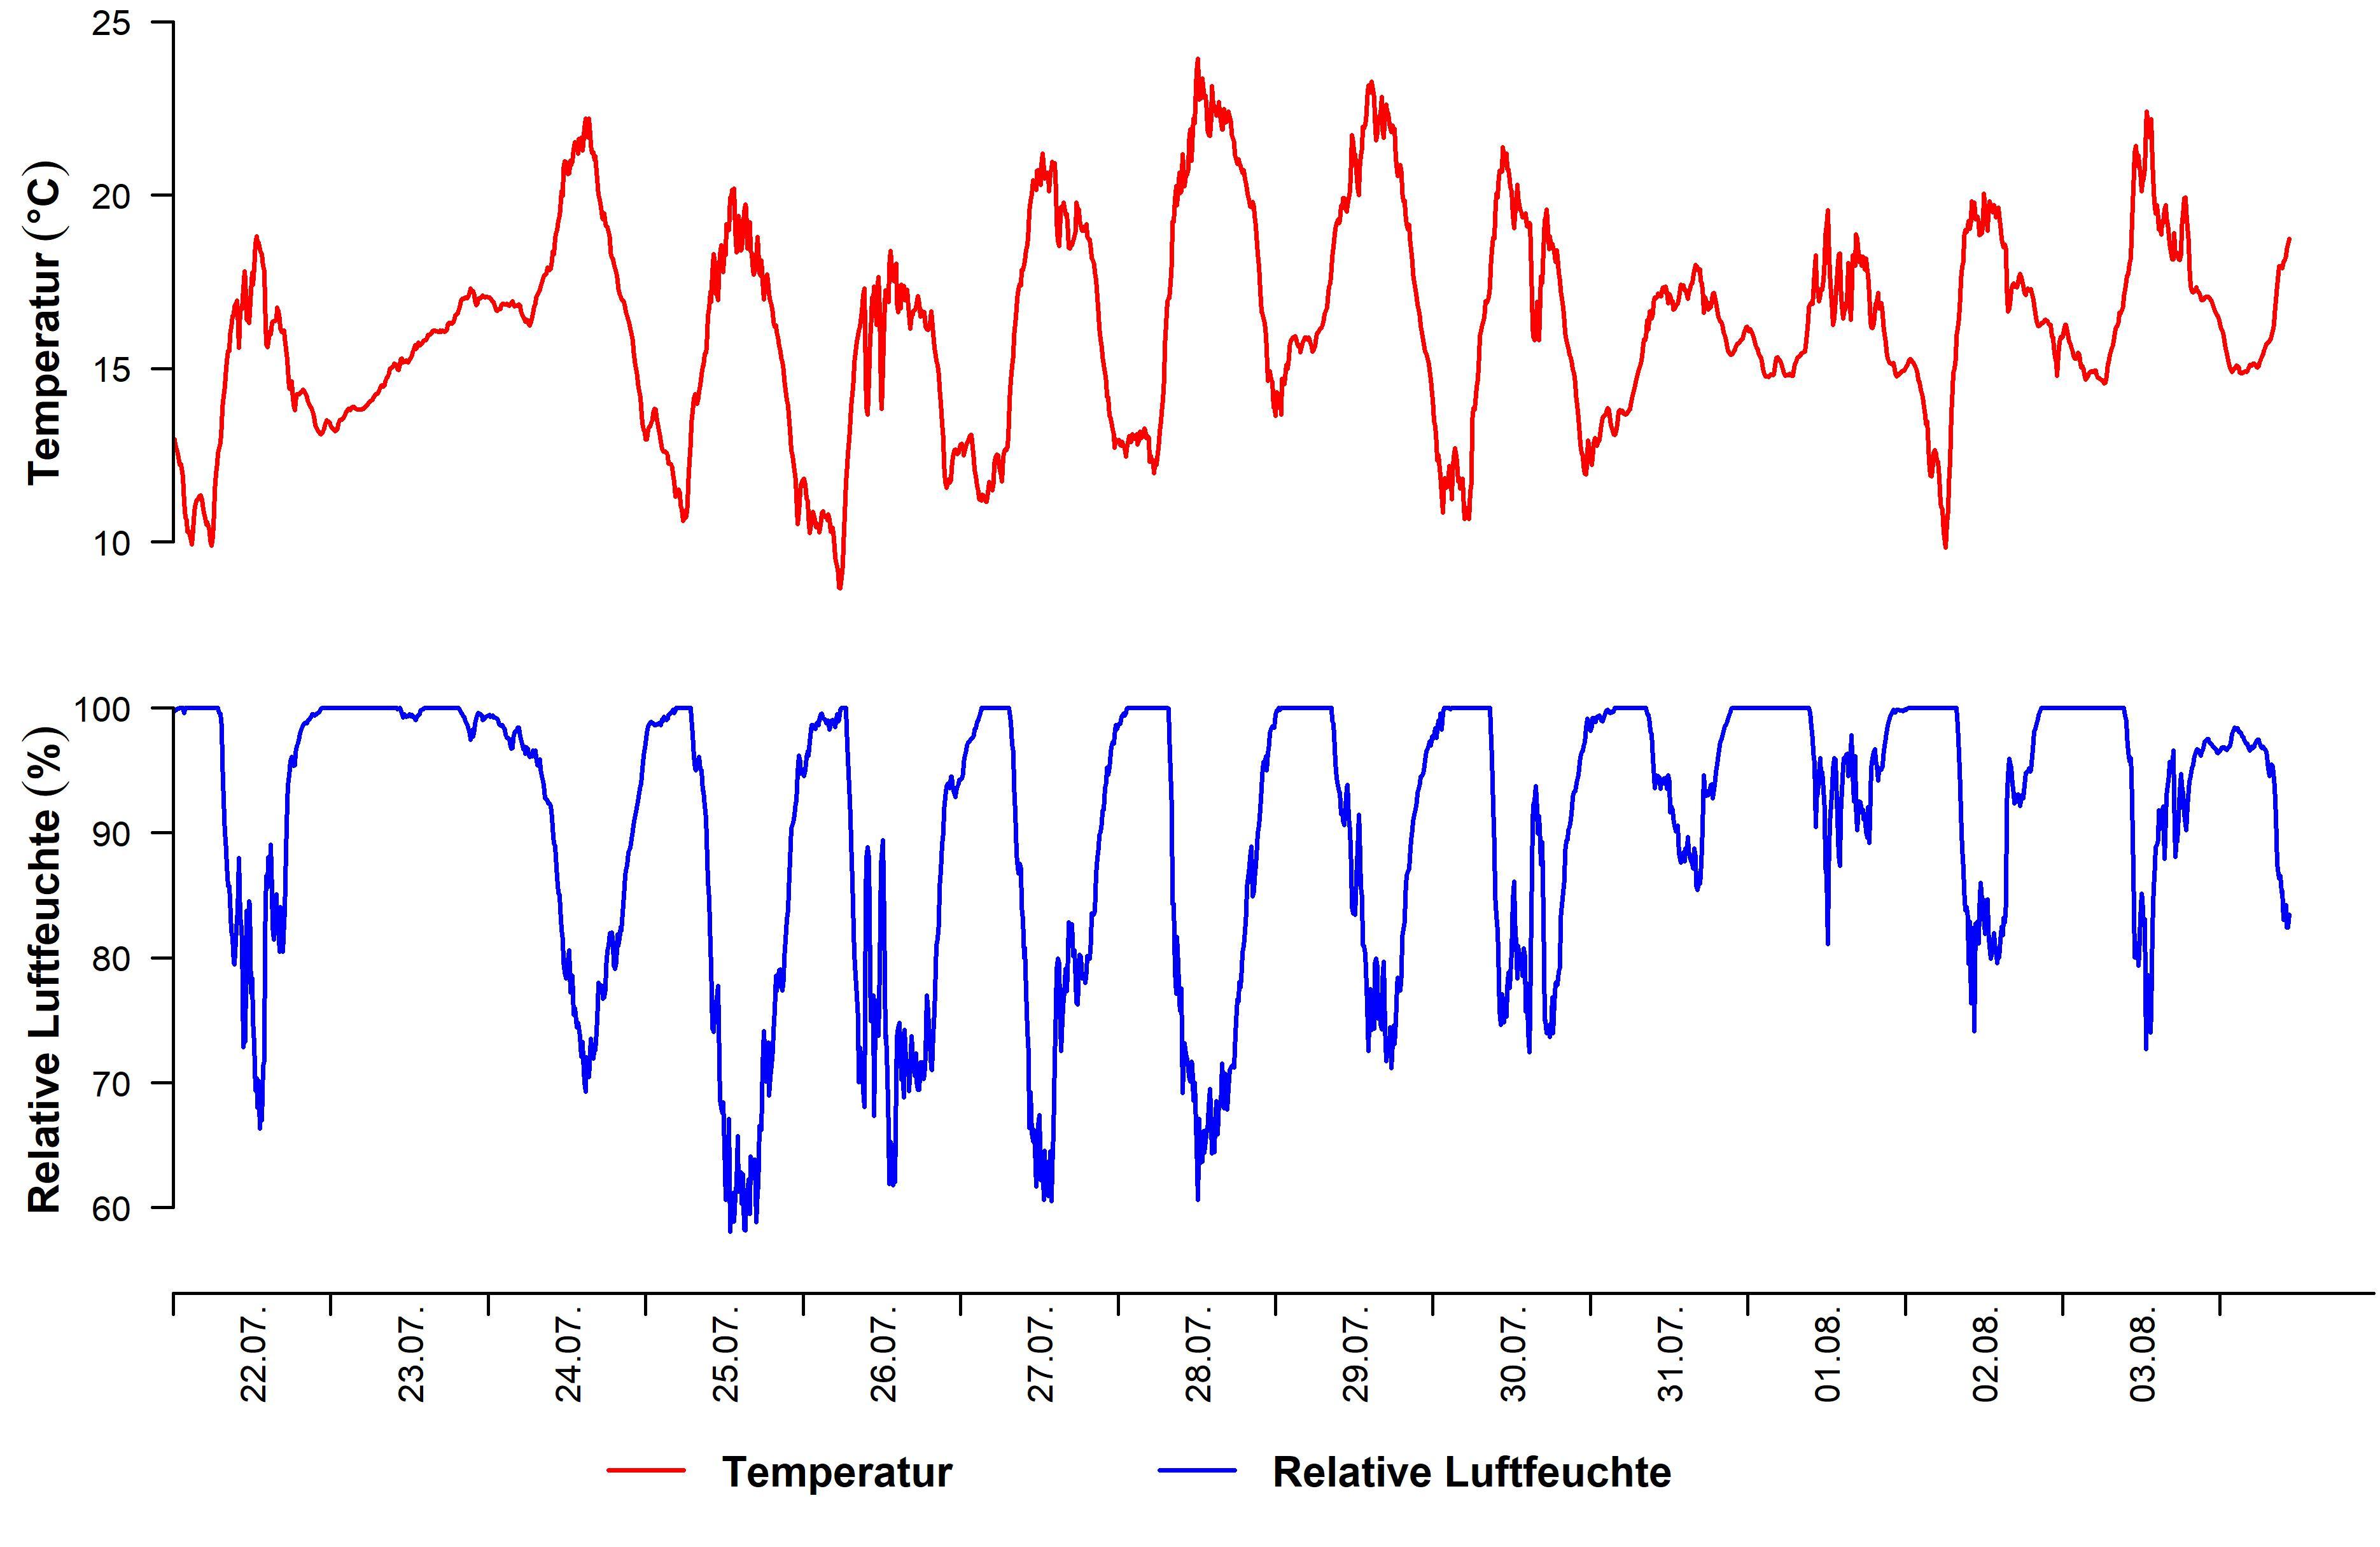 Temperatur und Luftfeuchte der letzten 14 Tage in 10 minütiger Auflösung